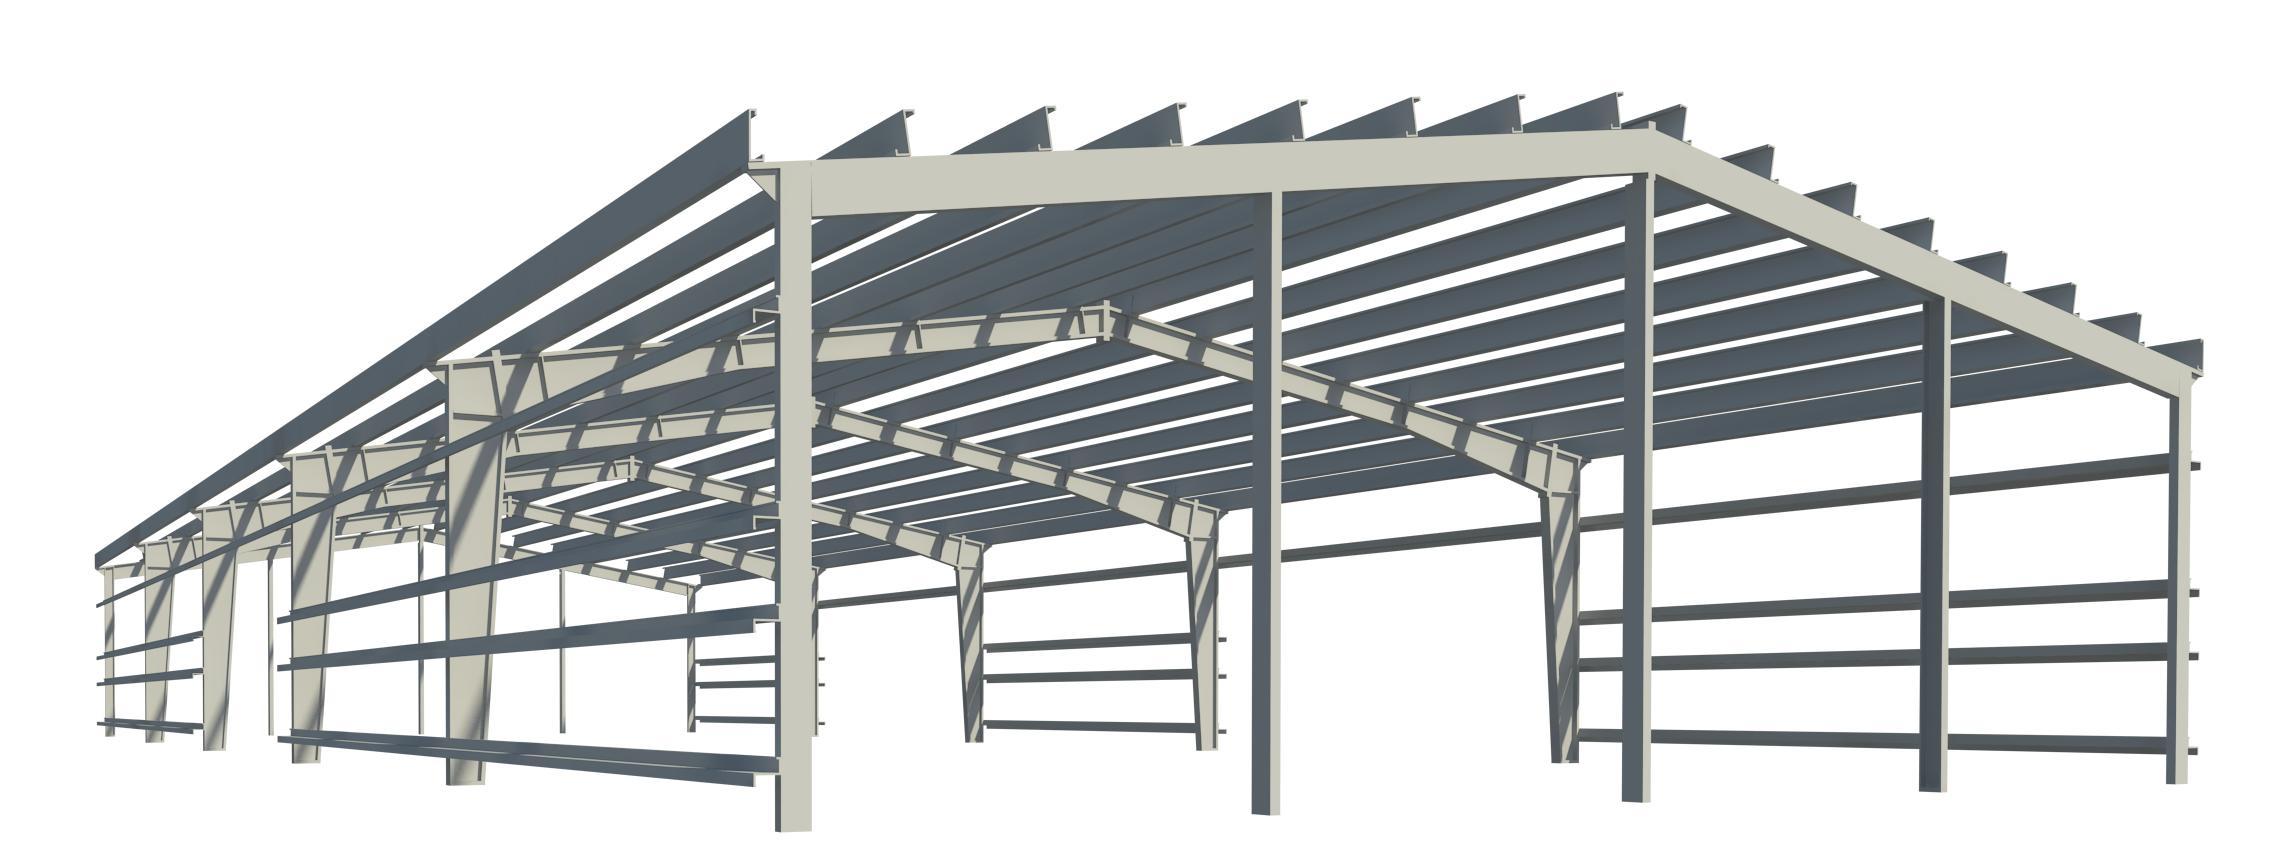 teel-building